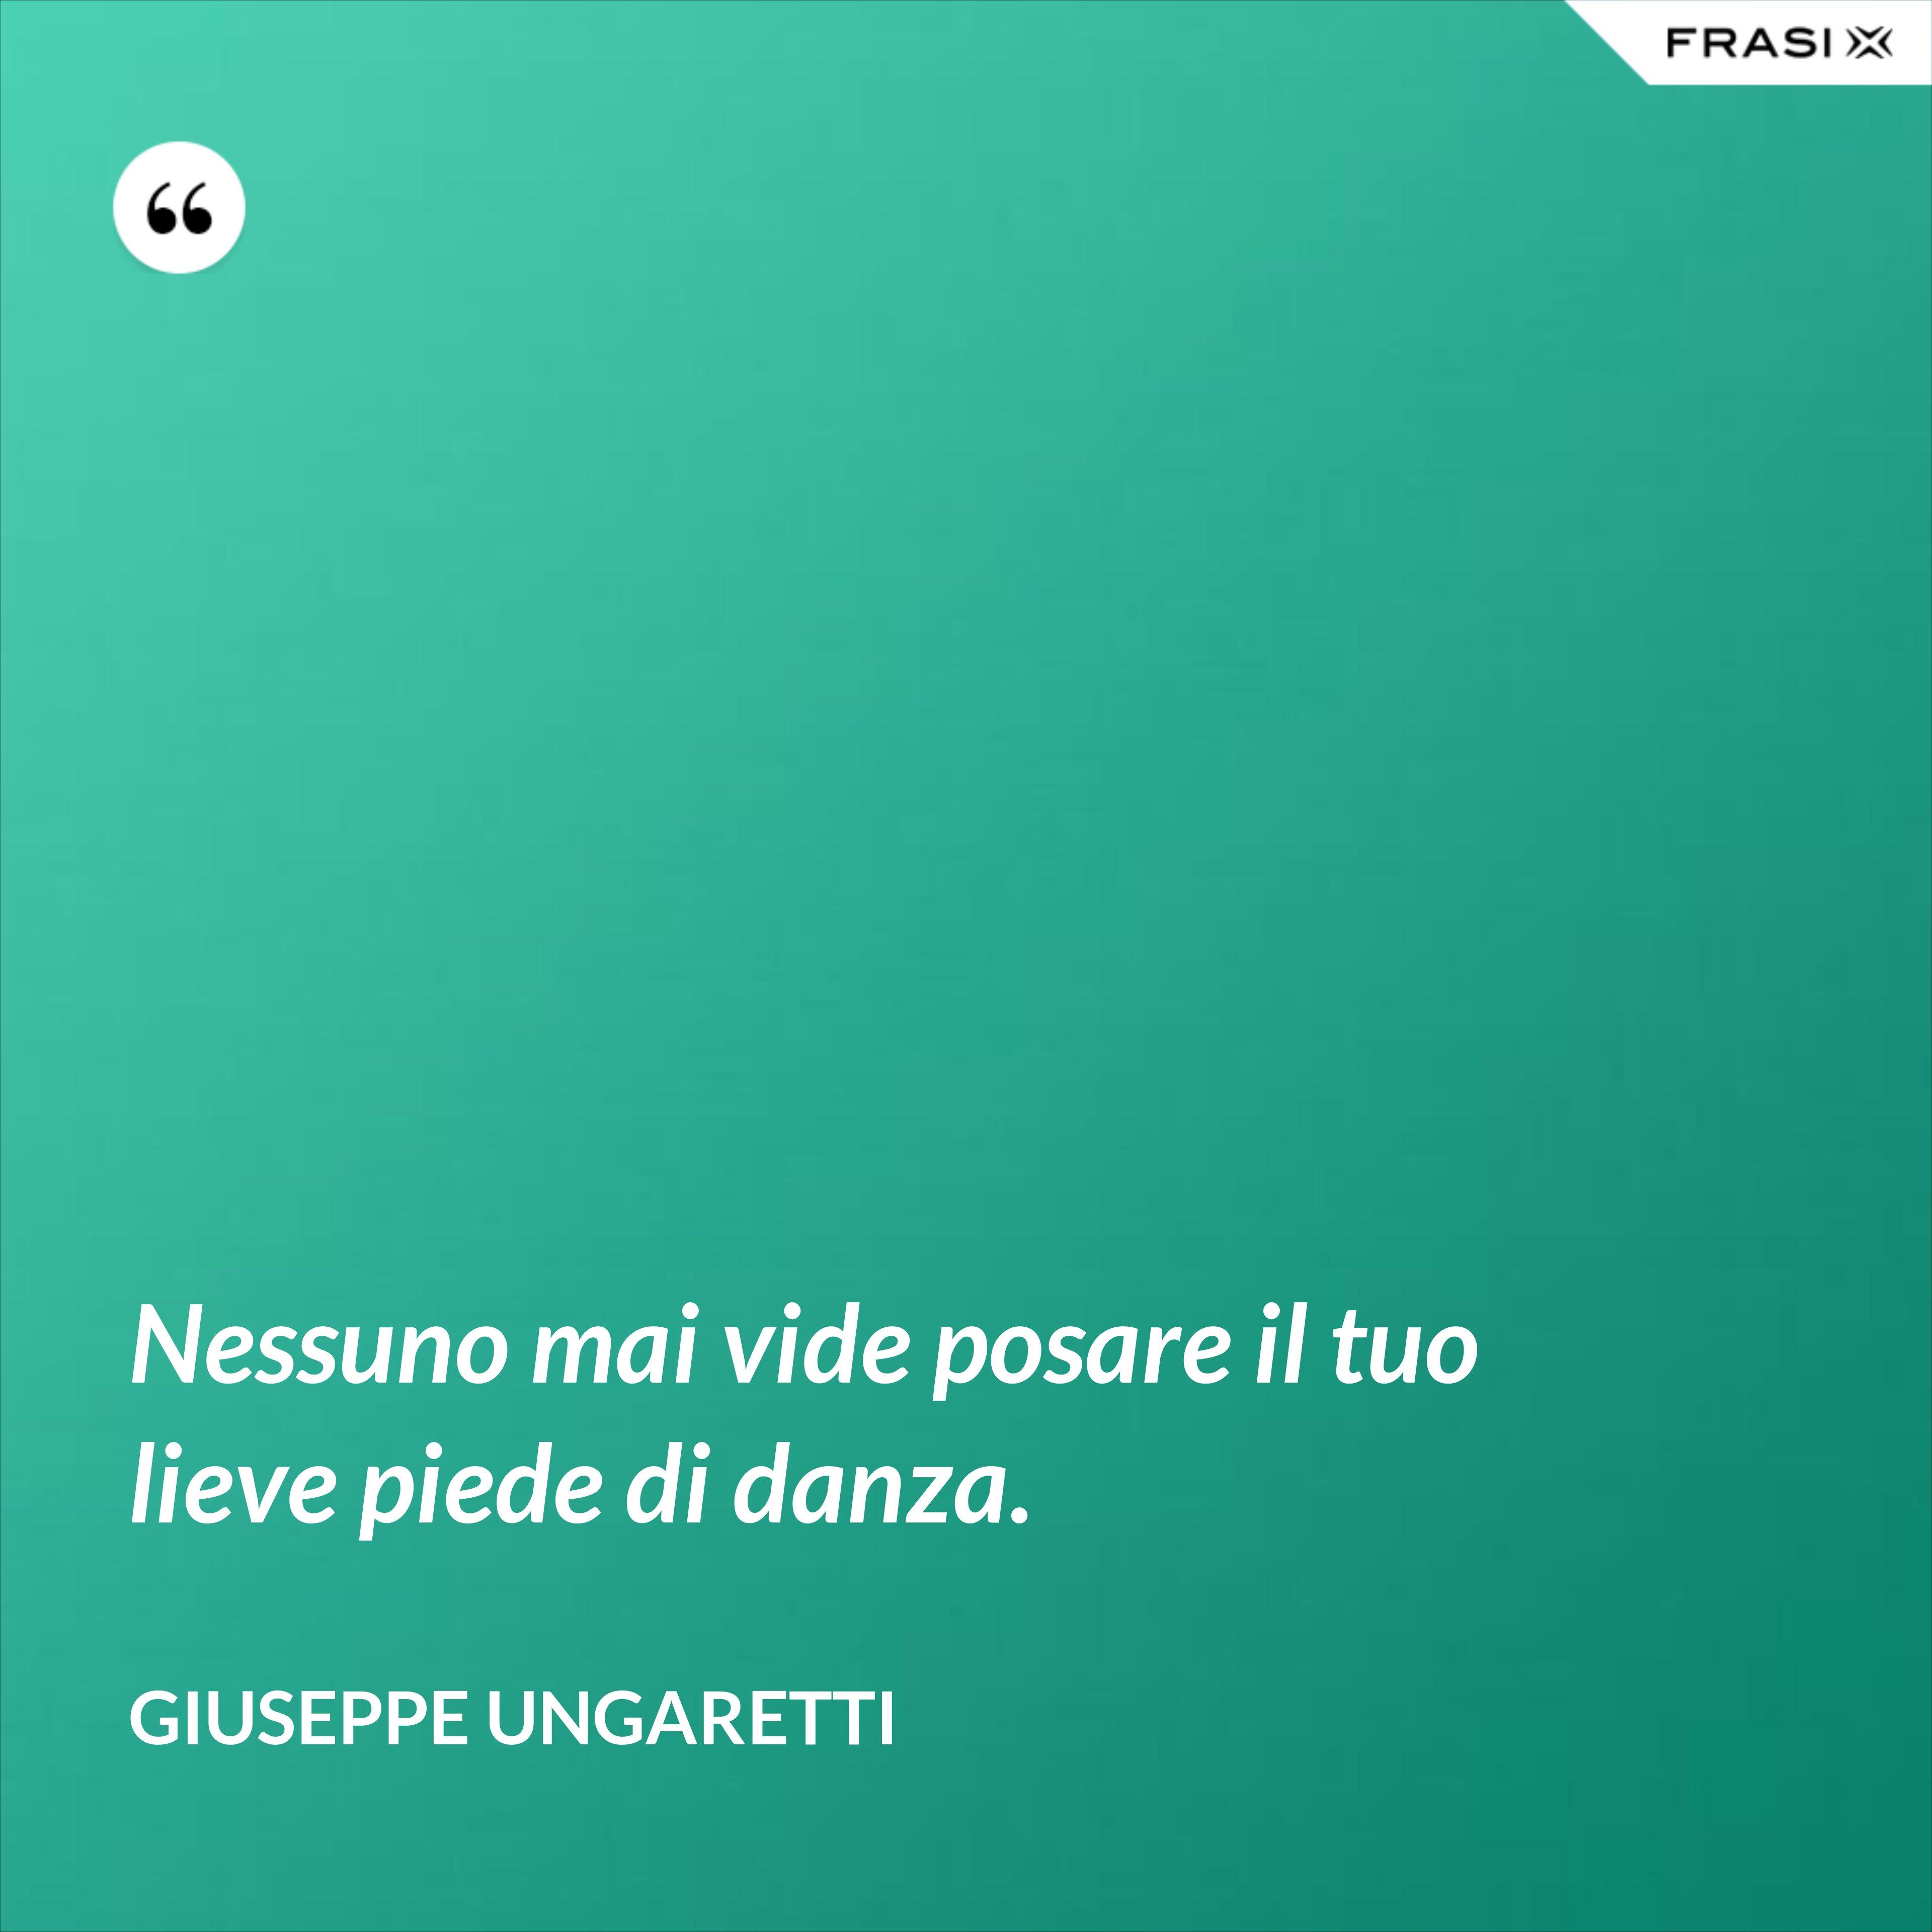 Nessuno mai vide posare il tuo lieve piede di danza. - Giuseppe Ungaretti